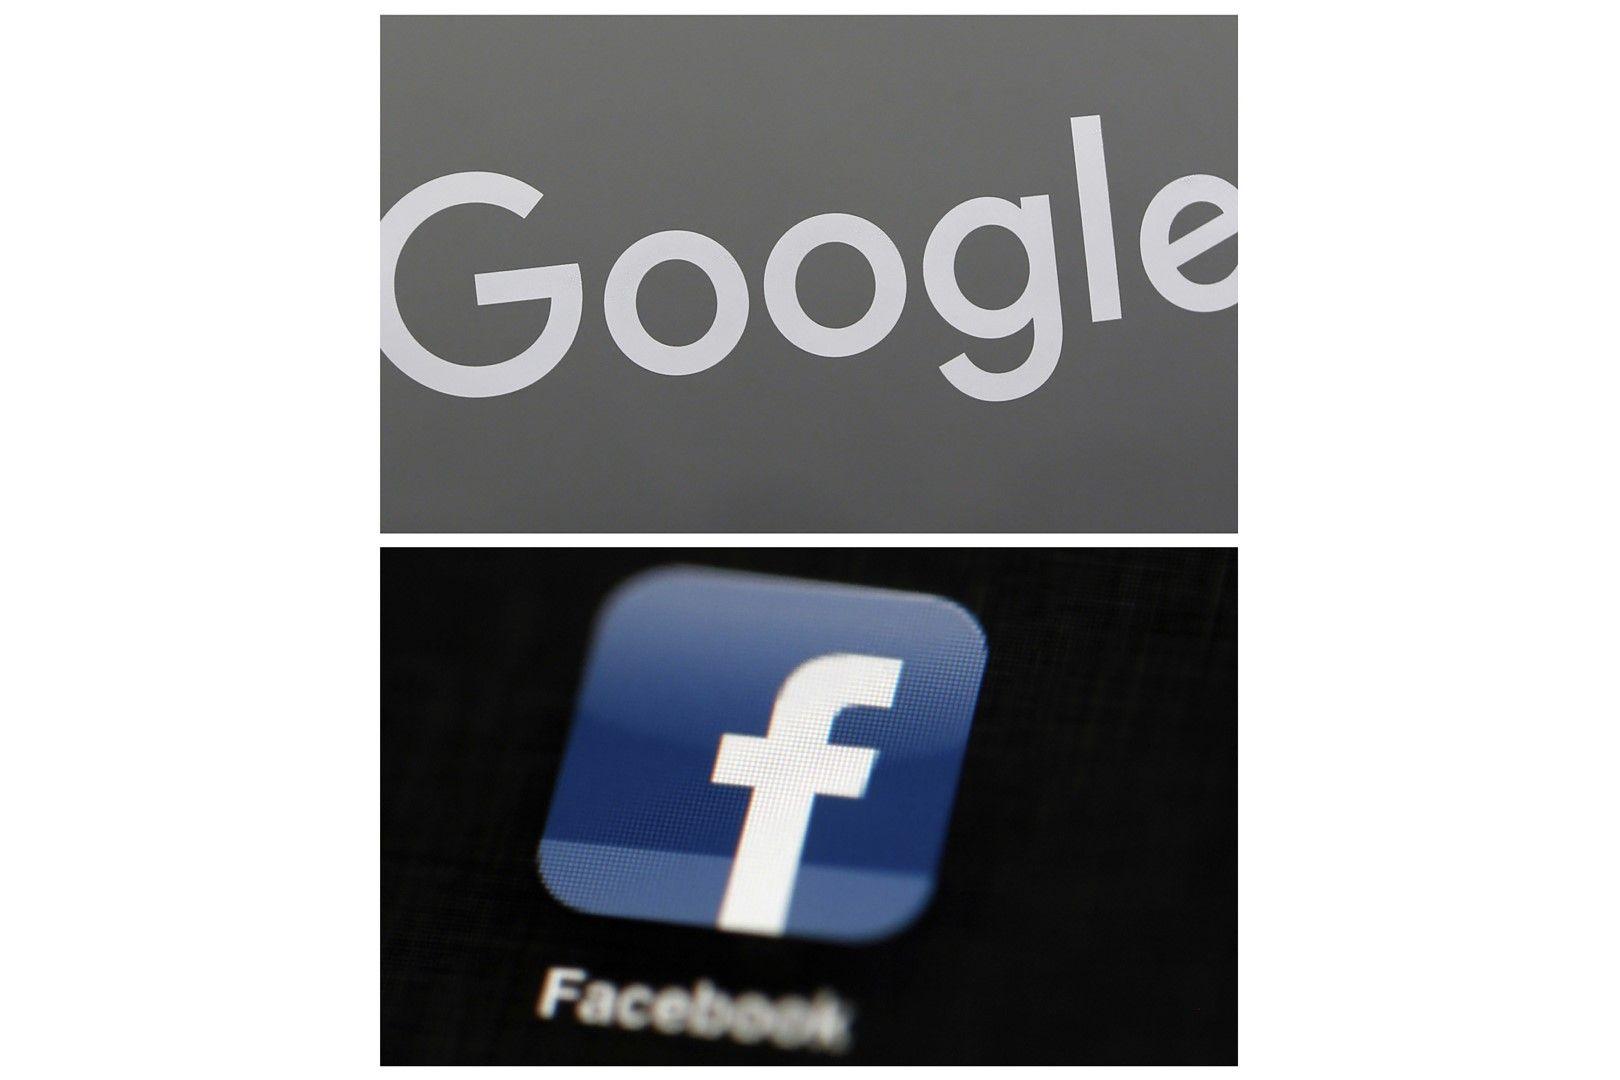 Социалните мрежи ще трябва да правят мониторинг на съдържанието си, за да откриват и блокират незаконната информация